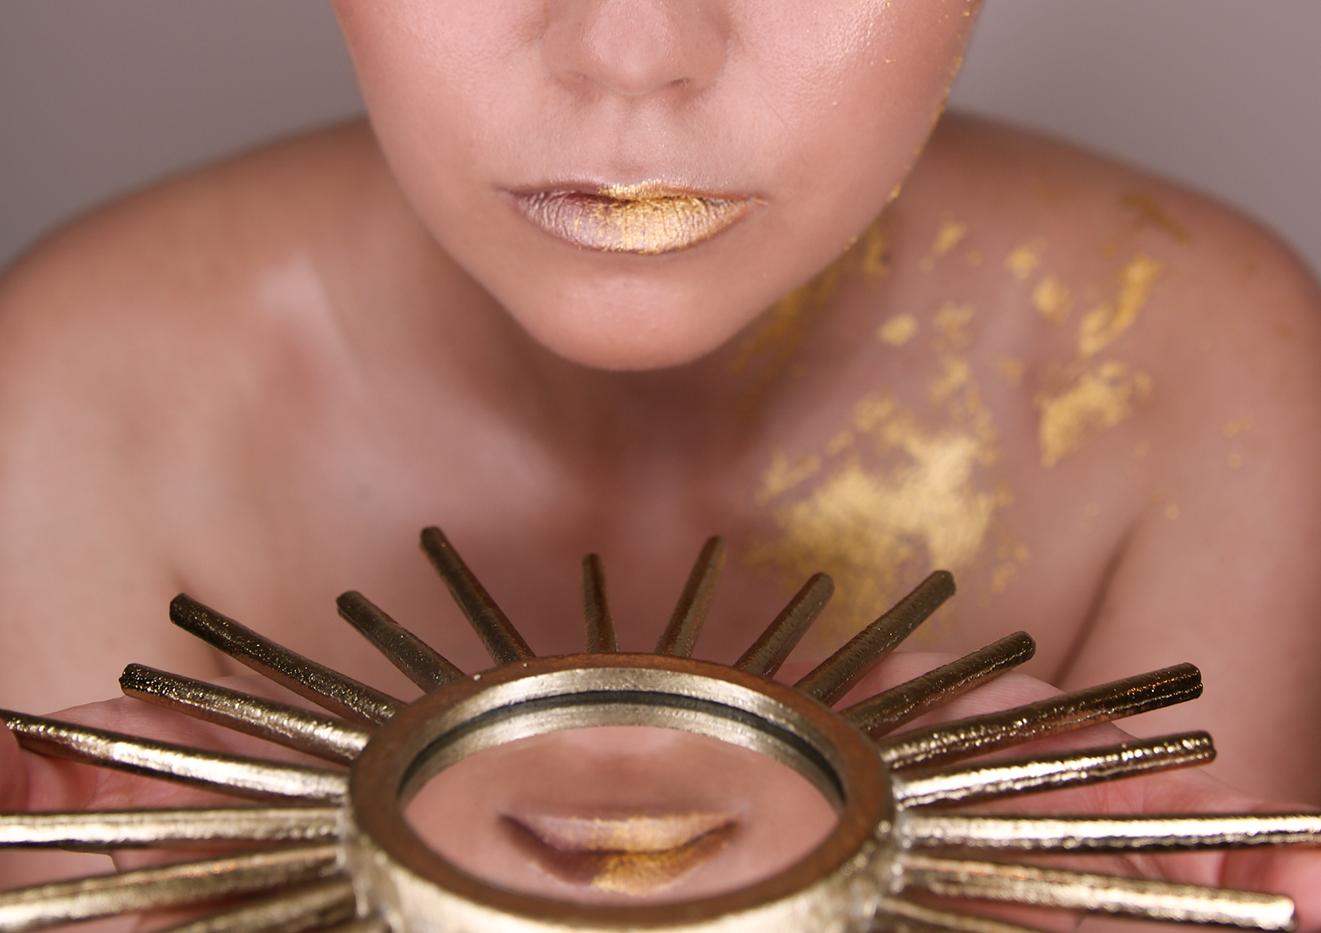 gold-leaf-make-up-12.png